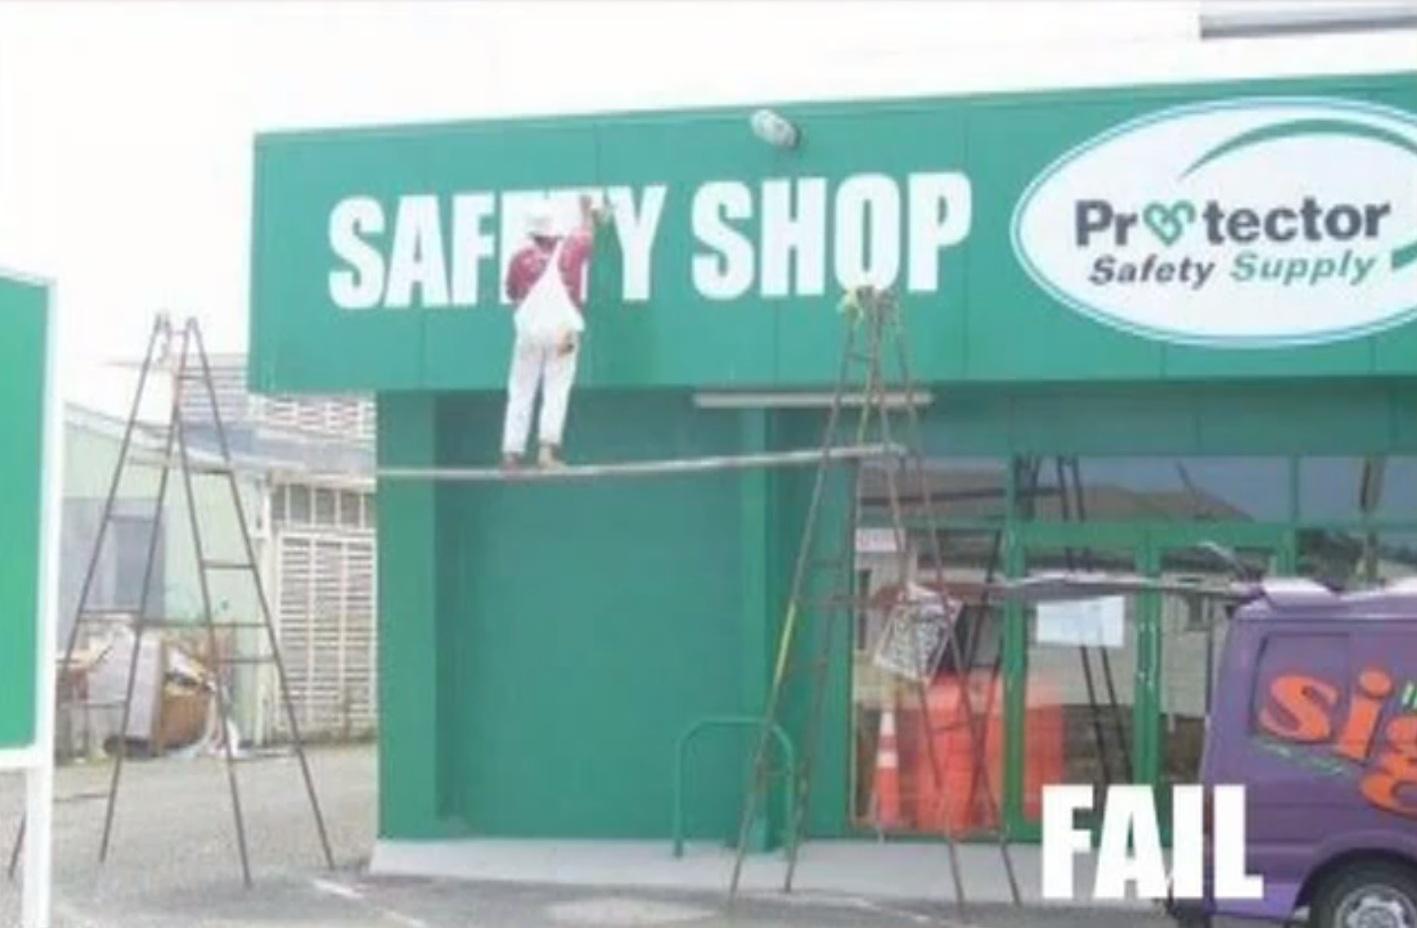 Ah, safety - meme